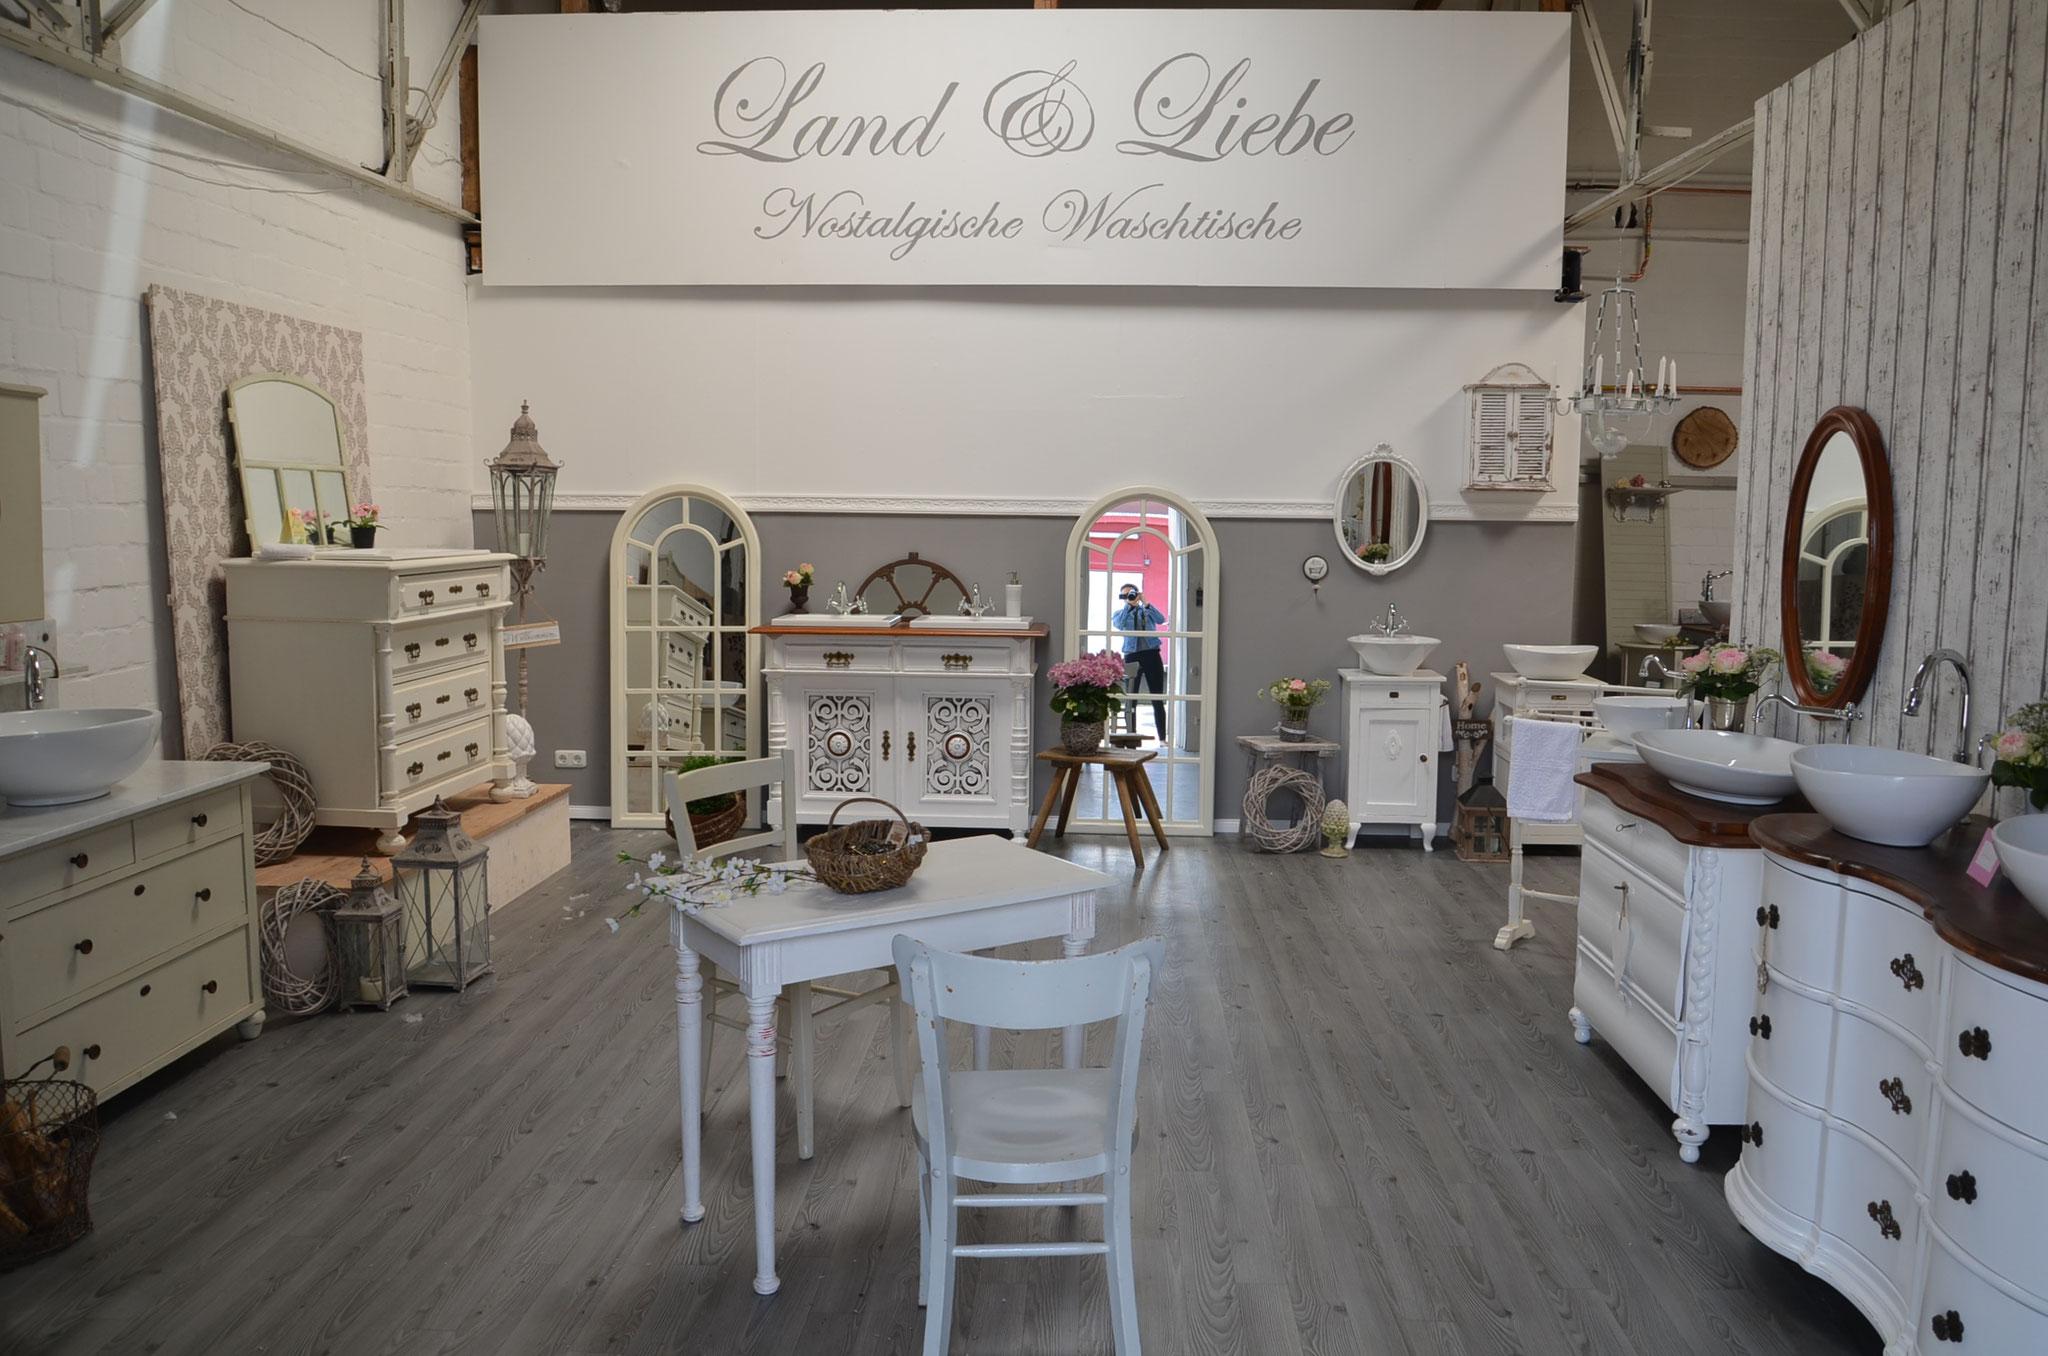 Badmöbel-Blog - Land & Liebe Badmöbel Landhaus